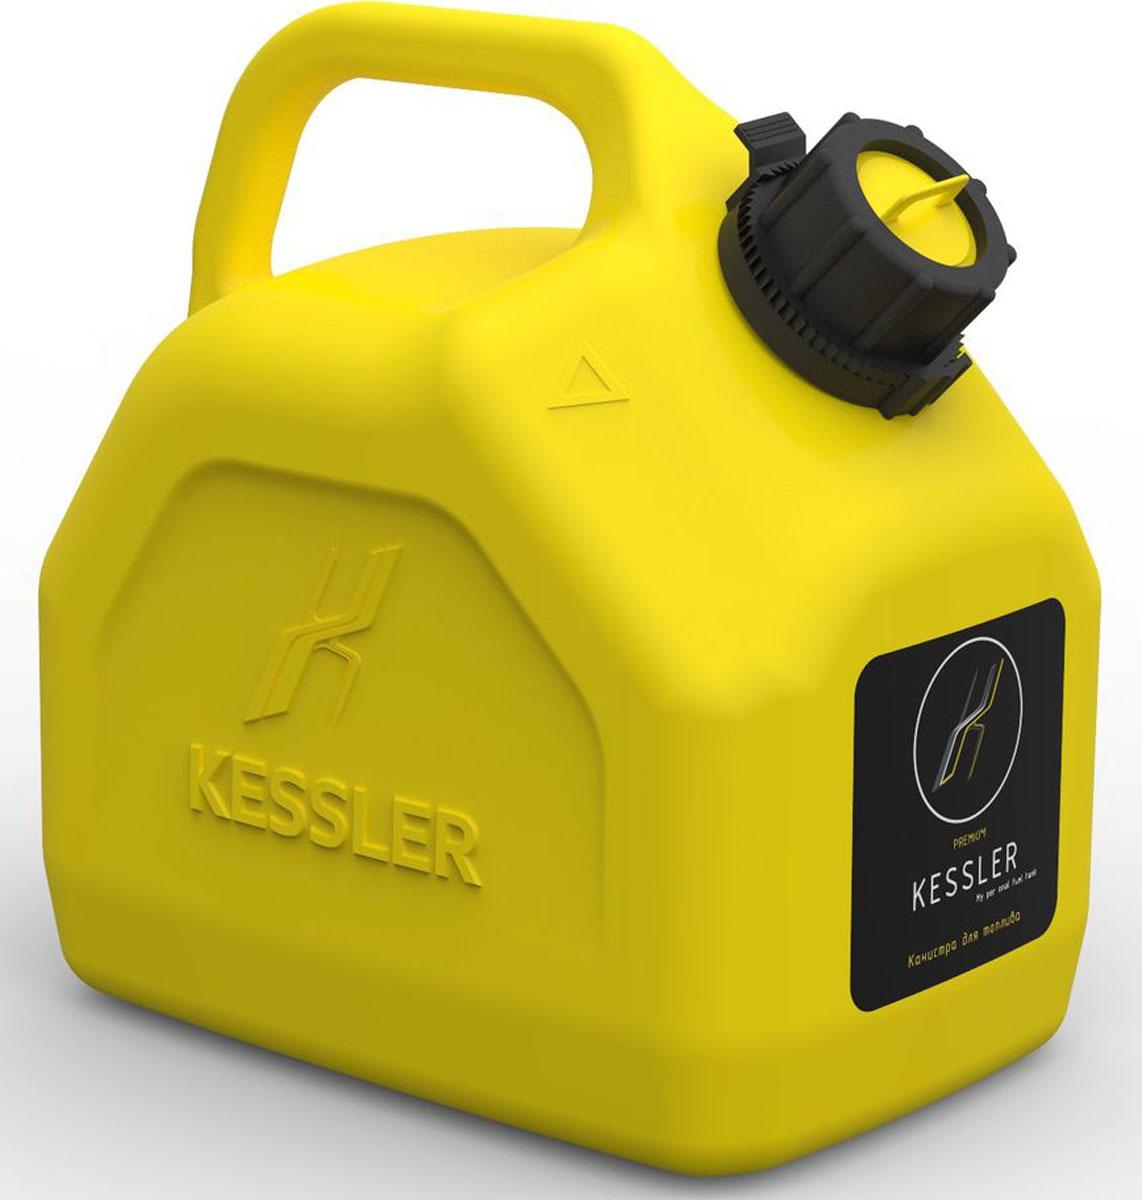 Канистра для топлива Kessler Oktan Premium, 5 л канистра пластиковая для гсм 10л 62 4 009